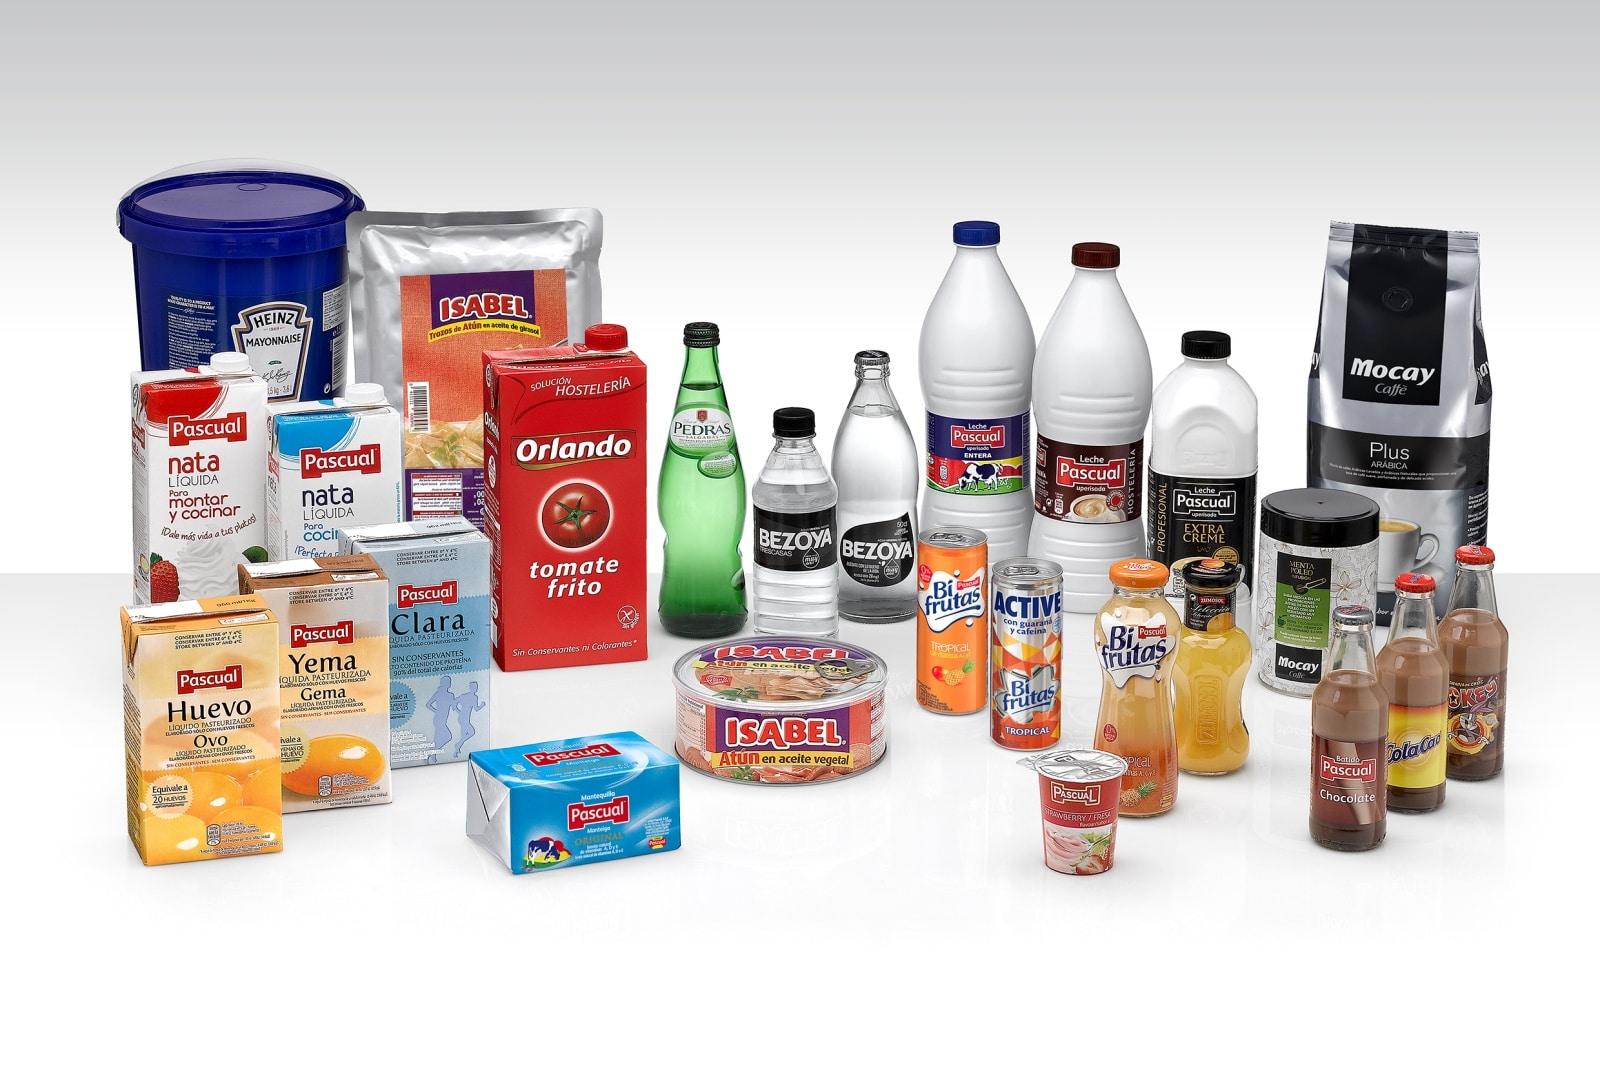 SUBIENDO 1 / 1 – producto-en-marketing-31.jpg DETALLES DEL ADJUNTO producto-en-marketing-31